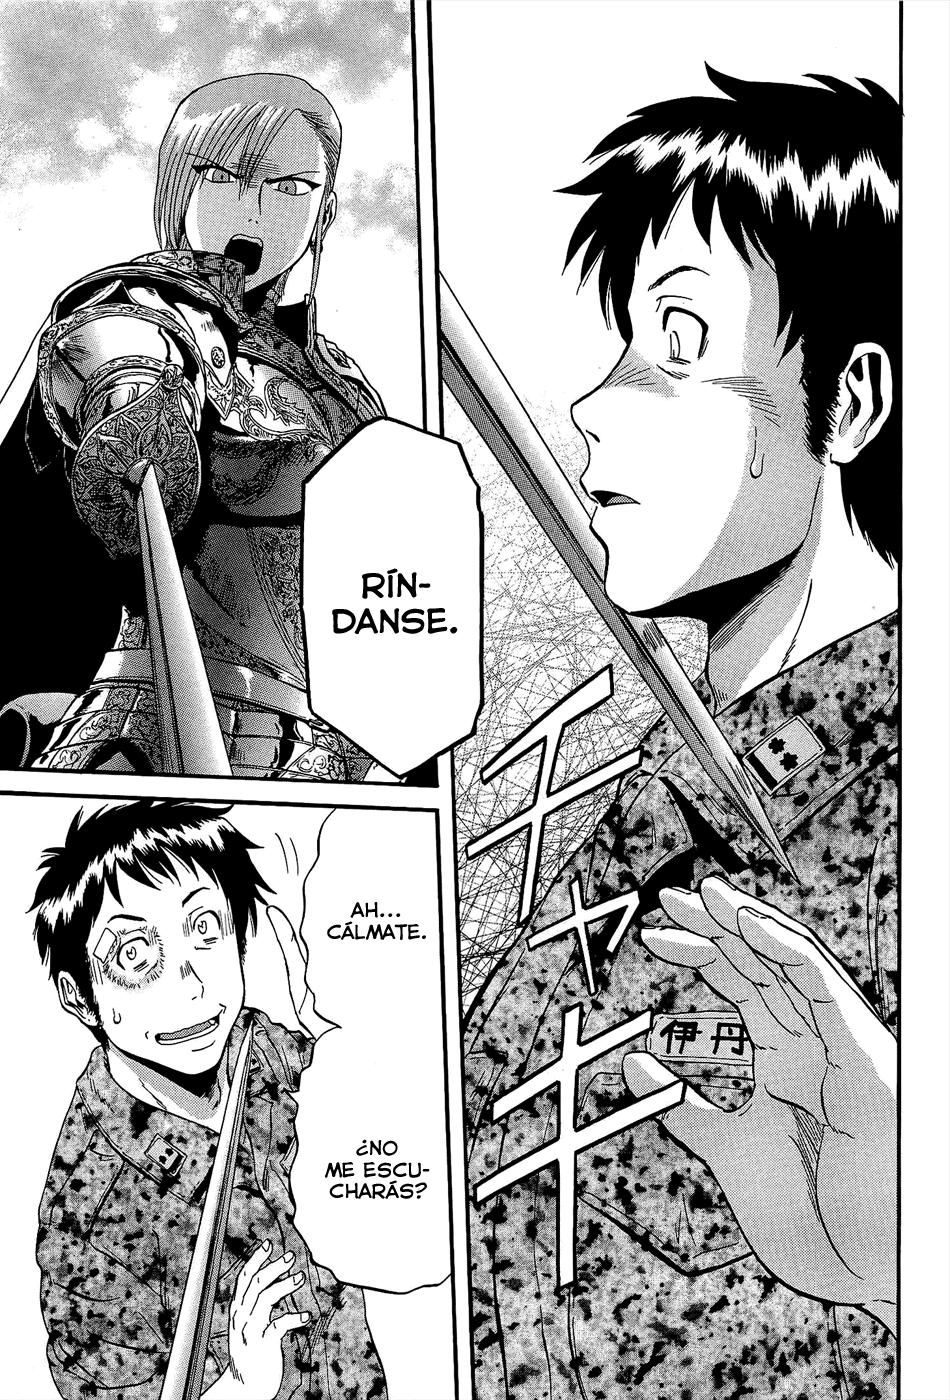 https://c5.ninemanga.com/es_manga/59/187/351085/b2ea5e977c5fc1ccfa74171a9723dd61.jpg Page 20